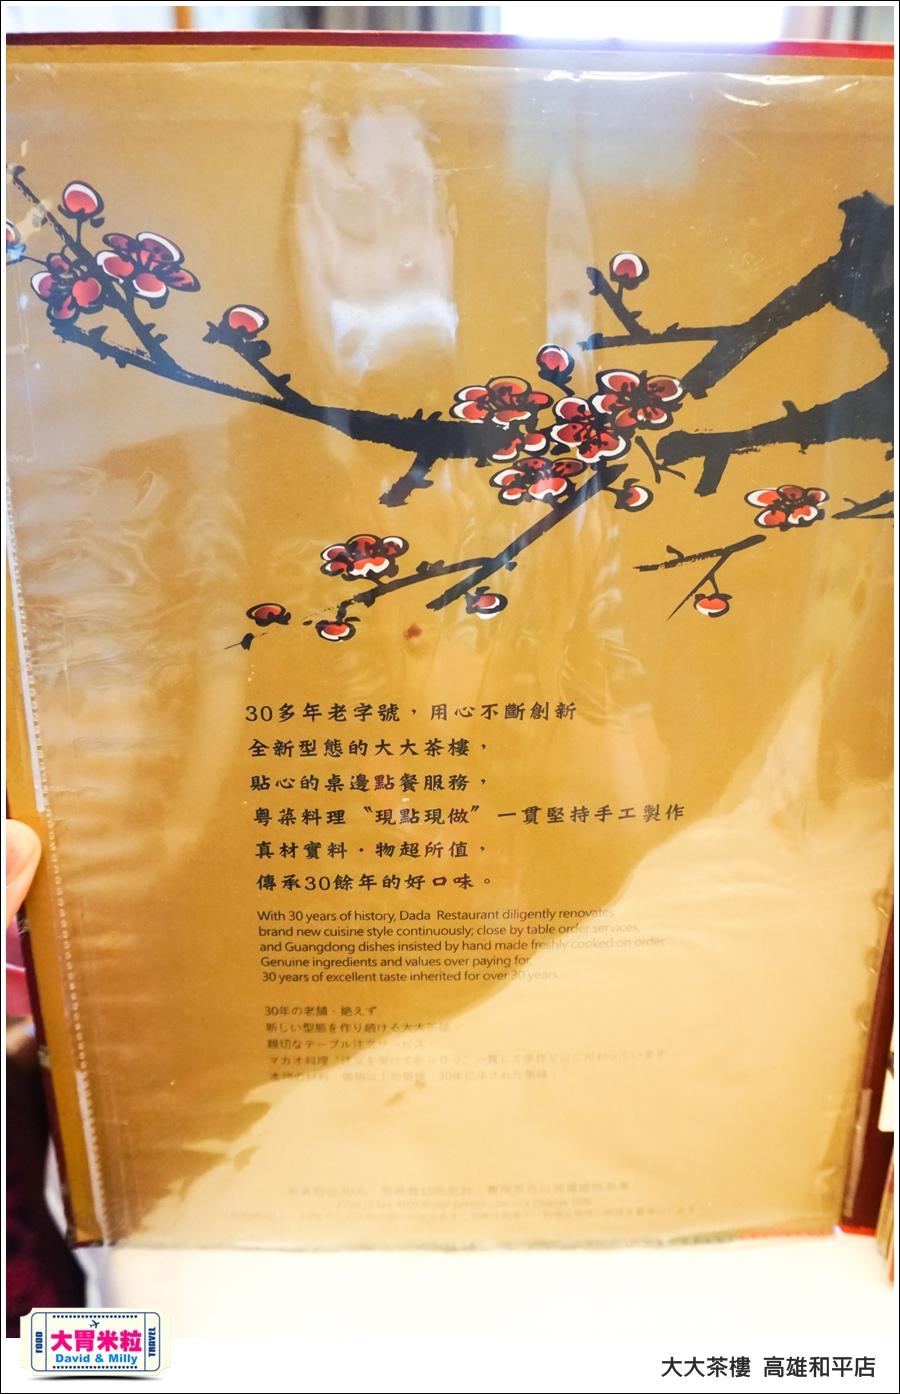 高雄粵菜港式飲茶推薦@ 大大茶樓 高雄和平店 @大胃米粒 0008.jpg